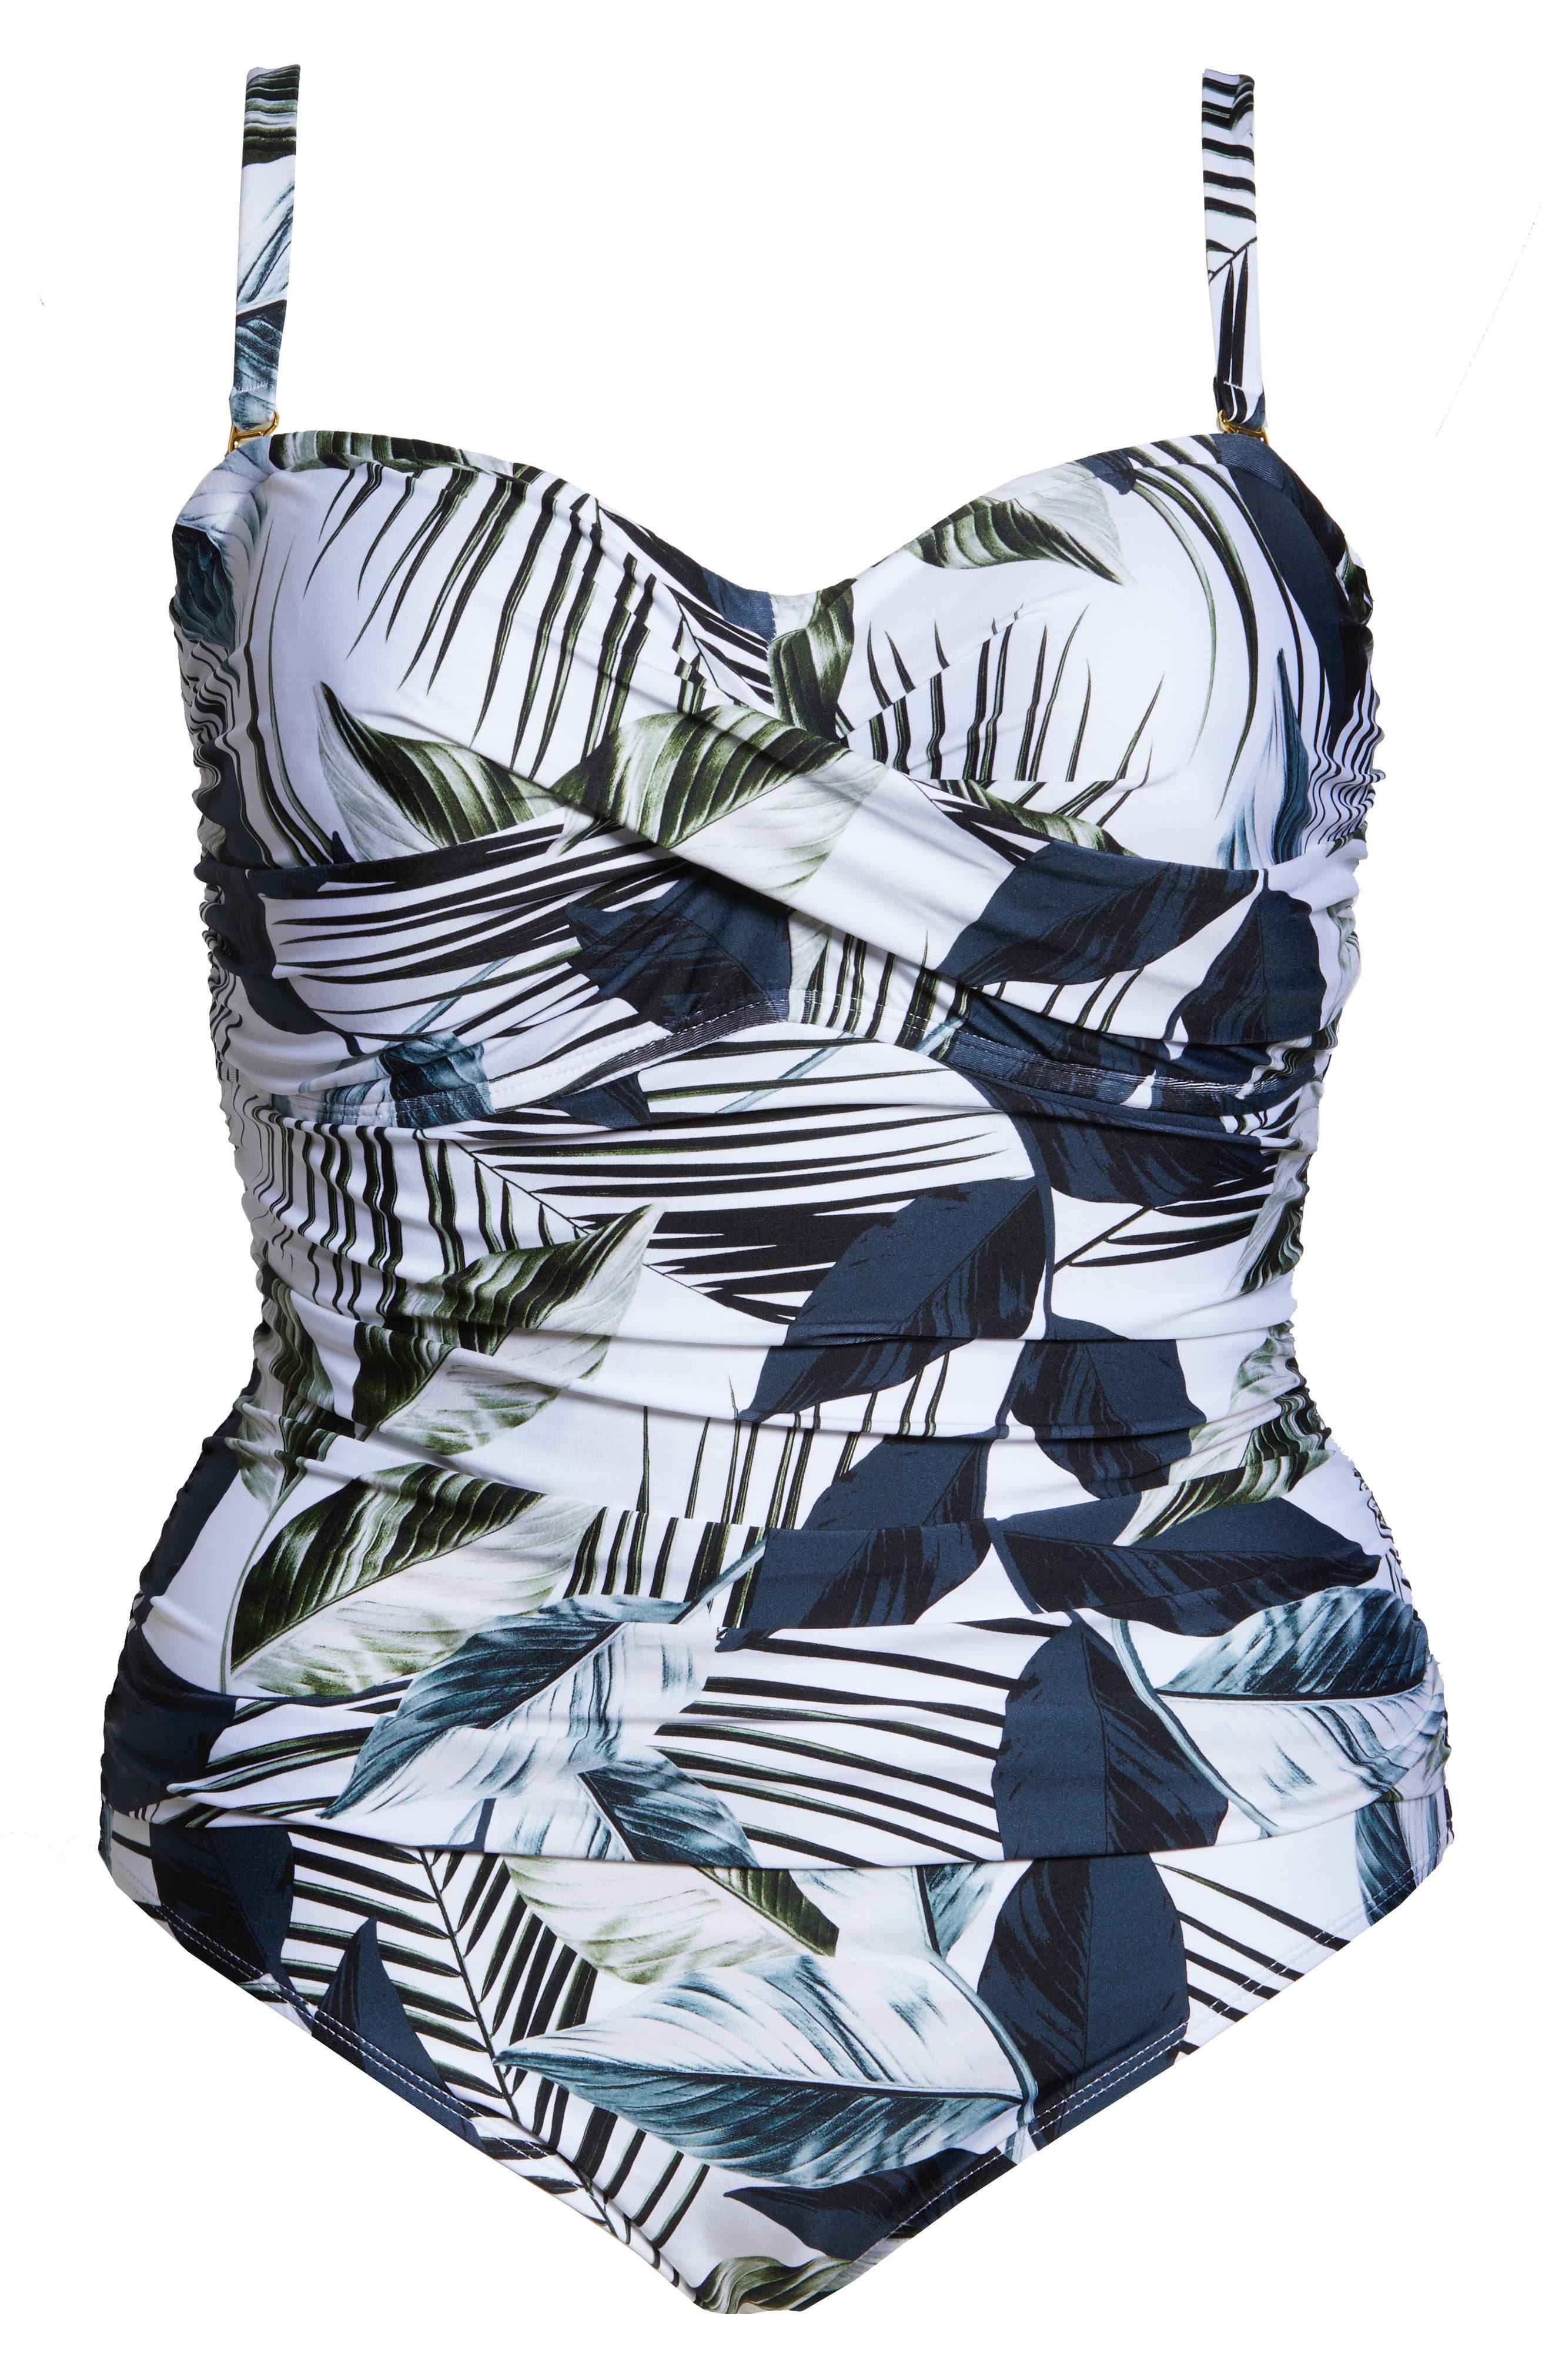 Bandeau One-Piece Swimsuit,                             Alternate thumbnail 7, color,                             BLUE